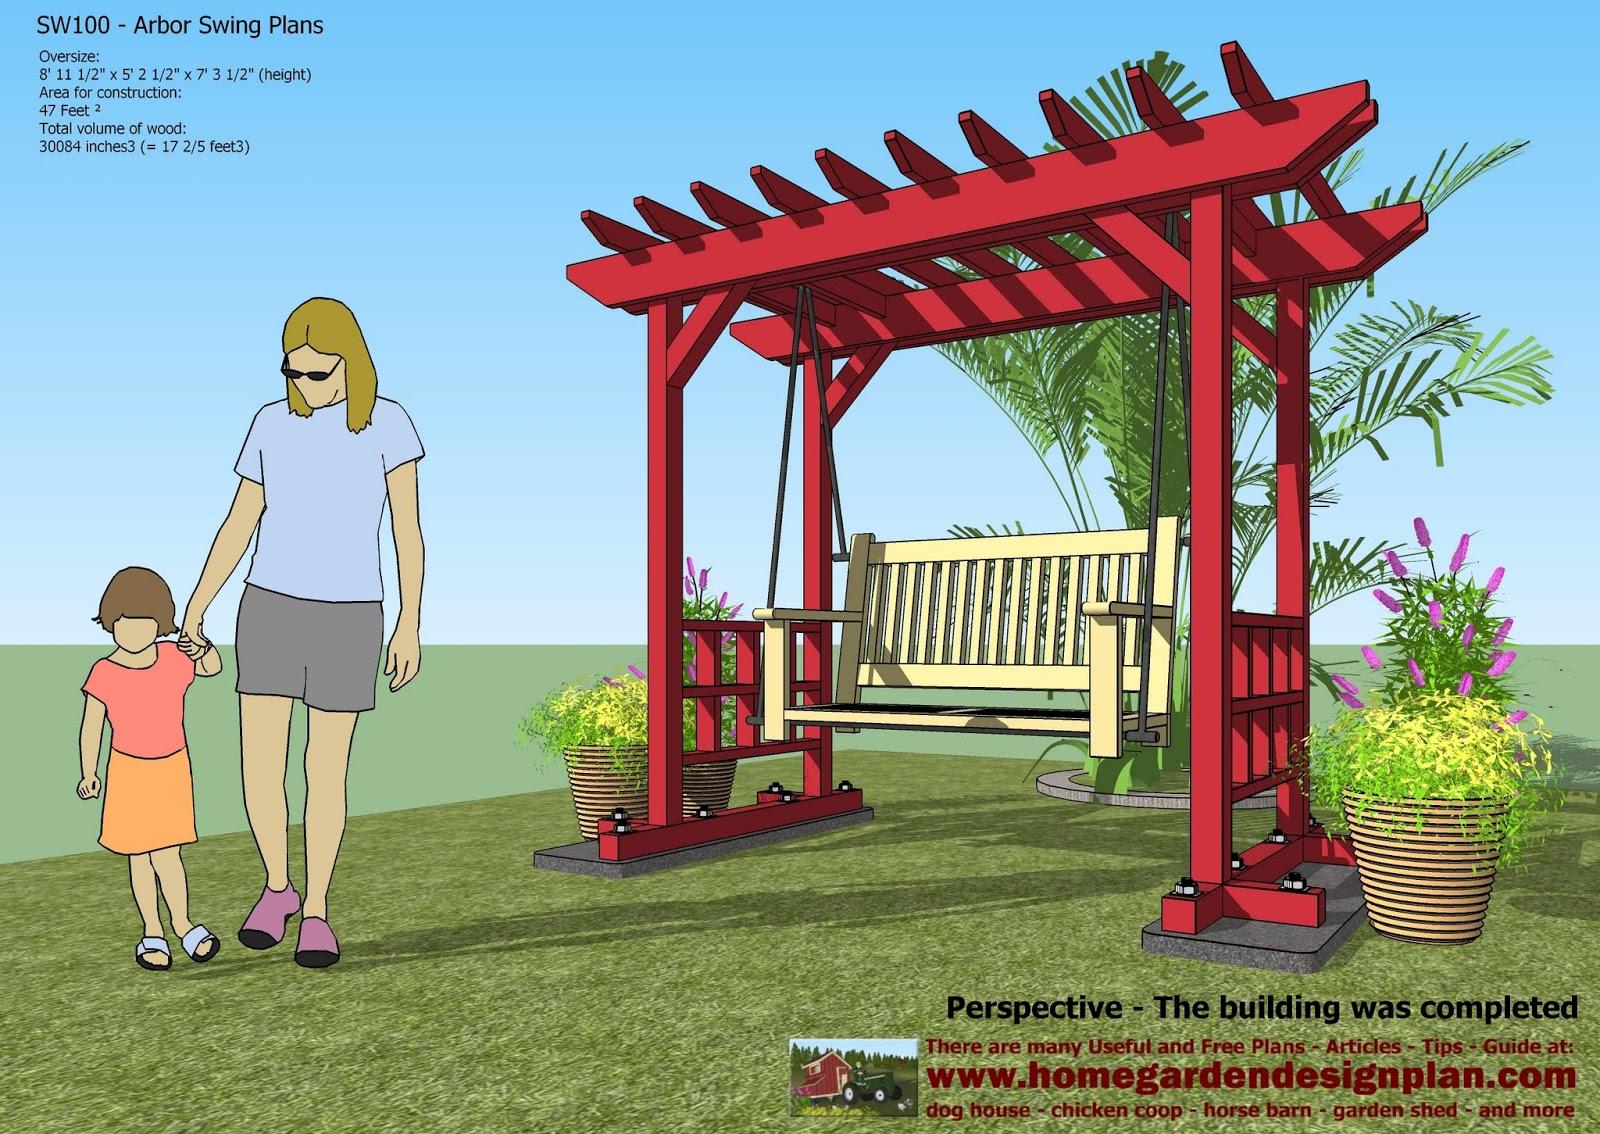 home garden plans home garden plans SW100 Arbor Swing Plans – Garden Swing Plans